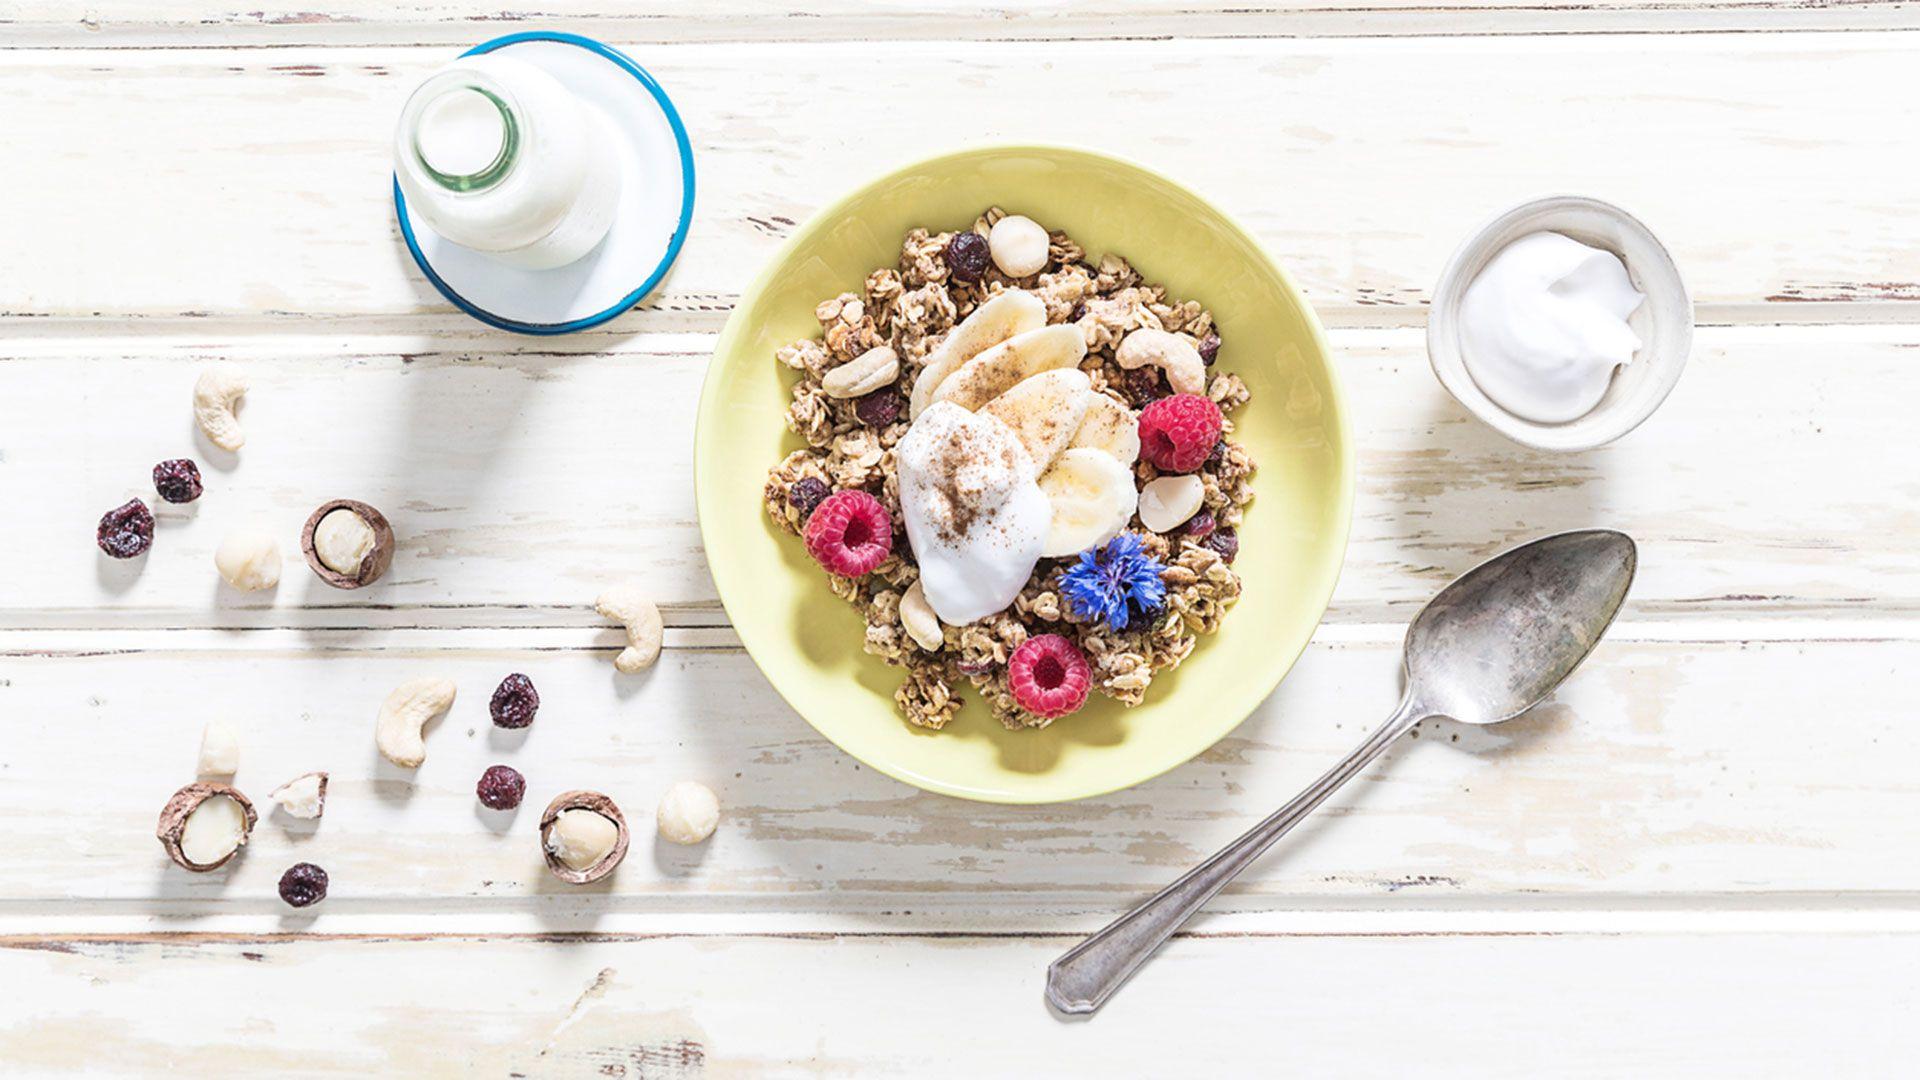 Bowl de gachas de avena, con cereales, frutos rojos y nueces de macadamia.